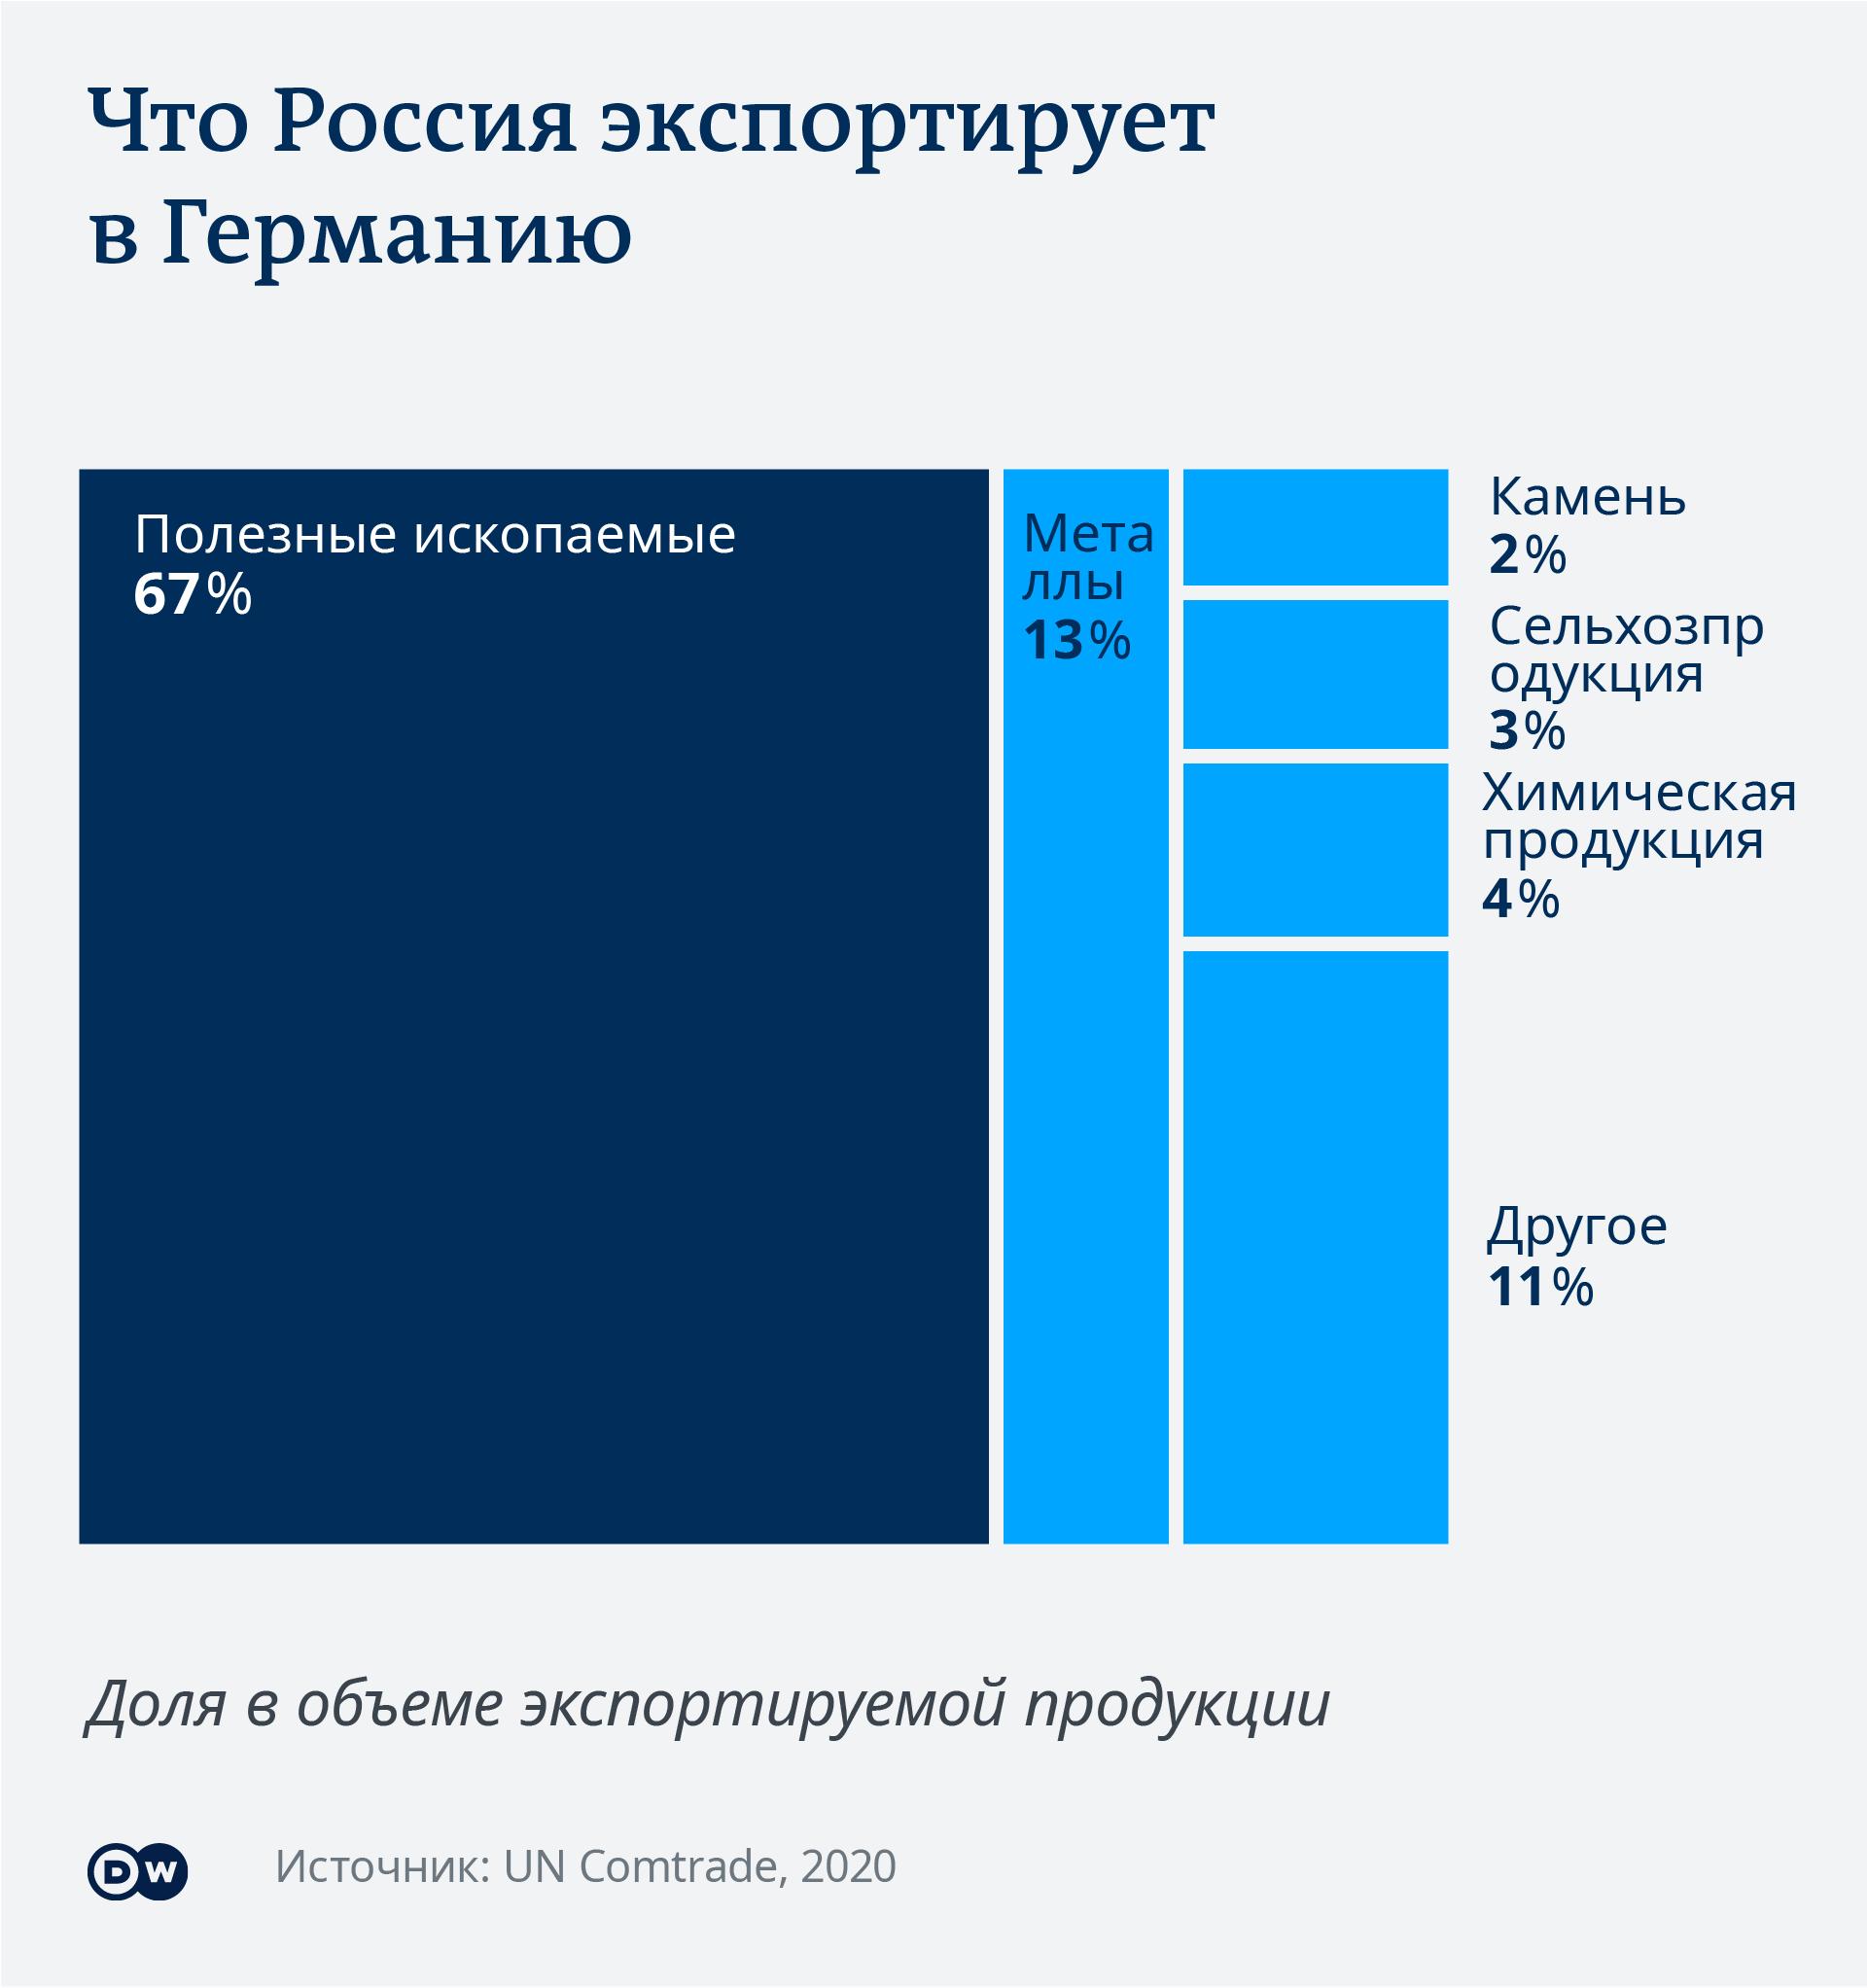 Инфографика Что Россия экспортирует в Германию